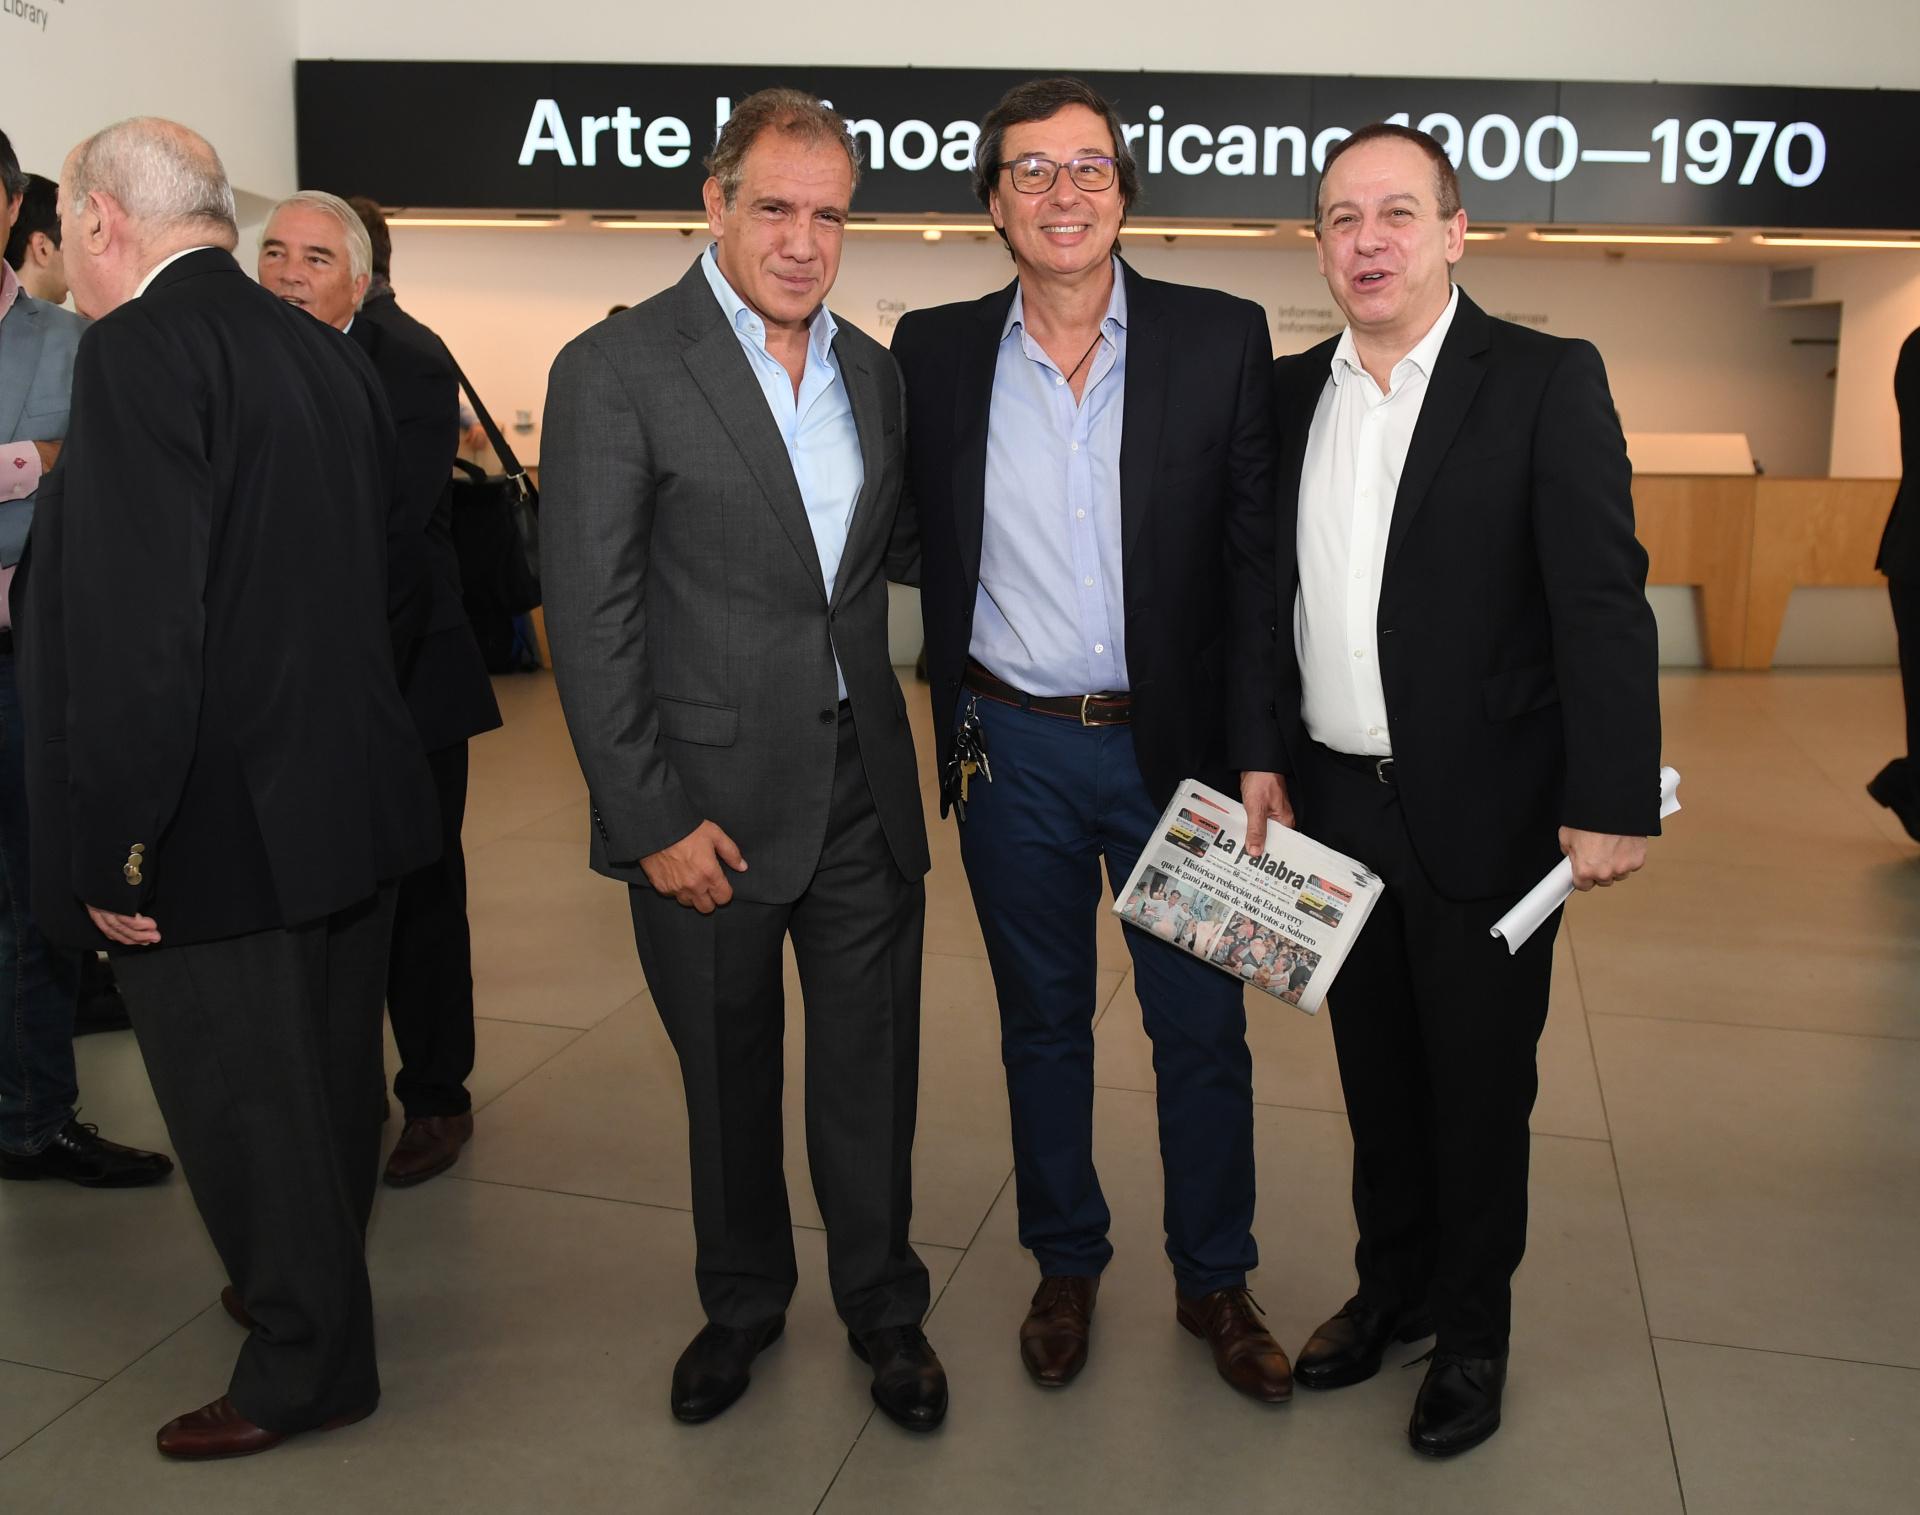 Daniel Hadad, fundador y CEO de Infobae, Marcelo Blasco, director de La Palabra de Lobos y Martín Etchevers, presidente de Adepa